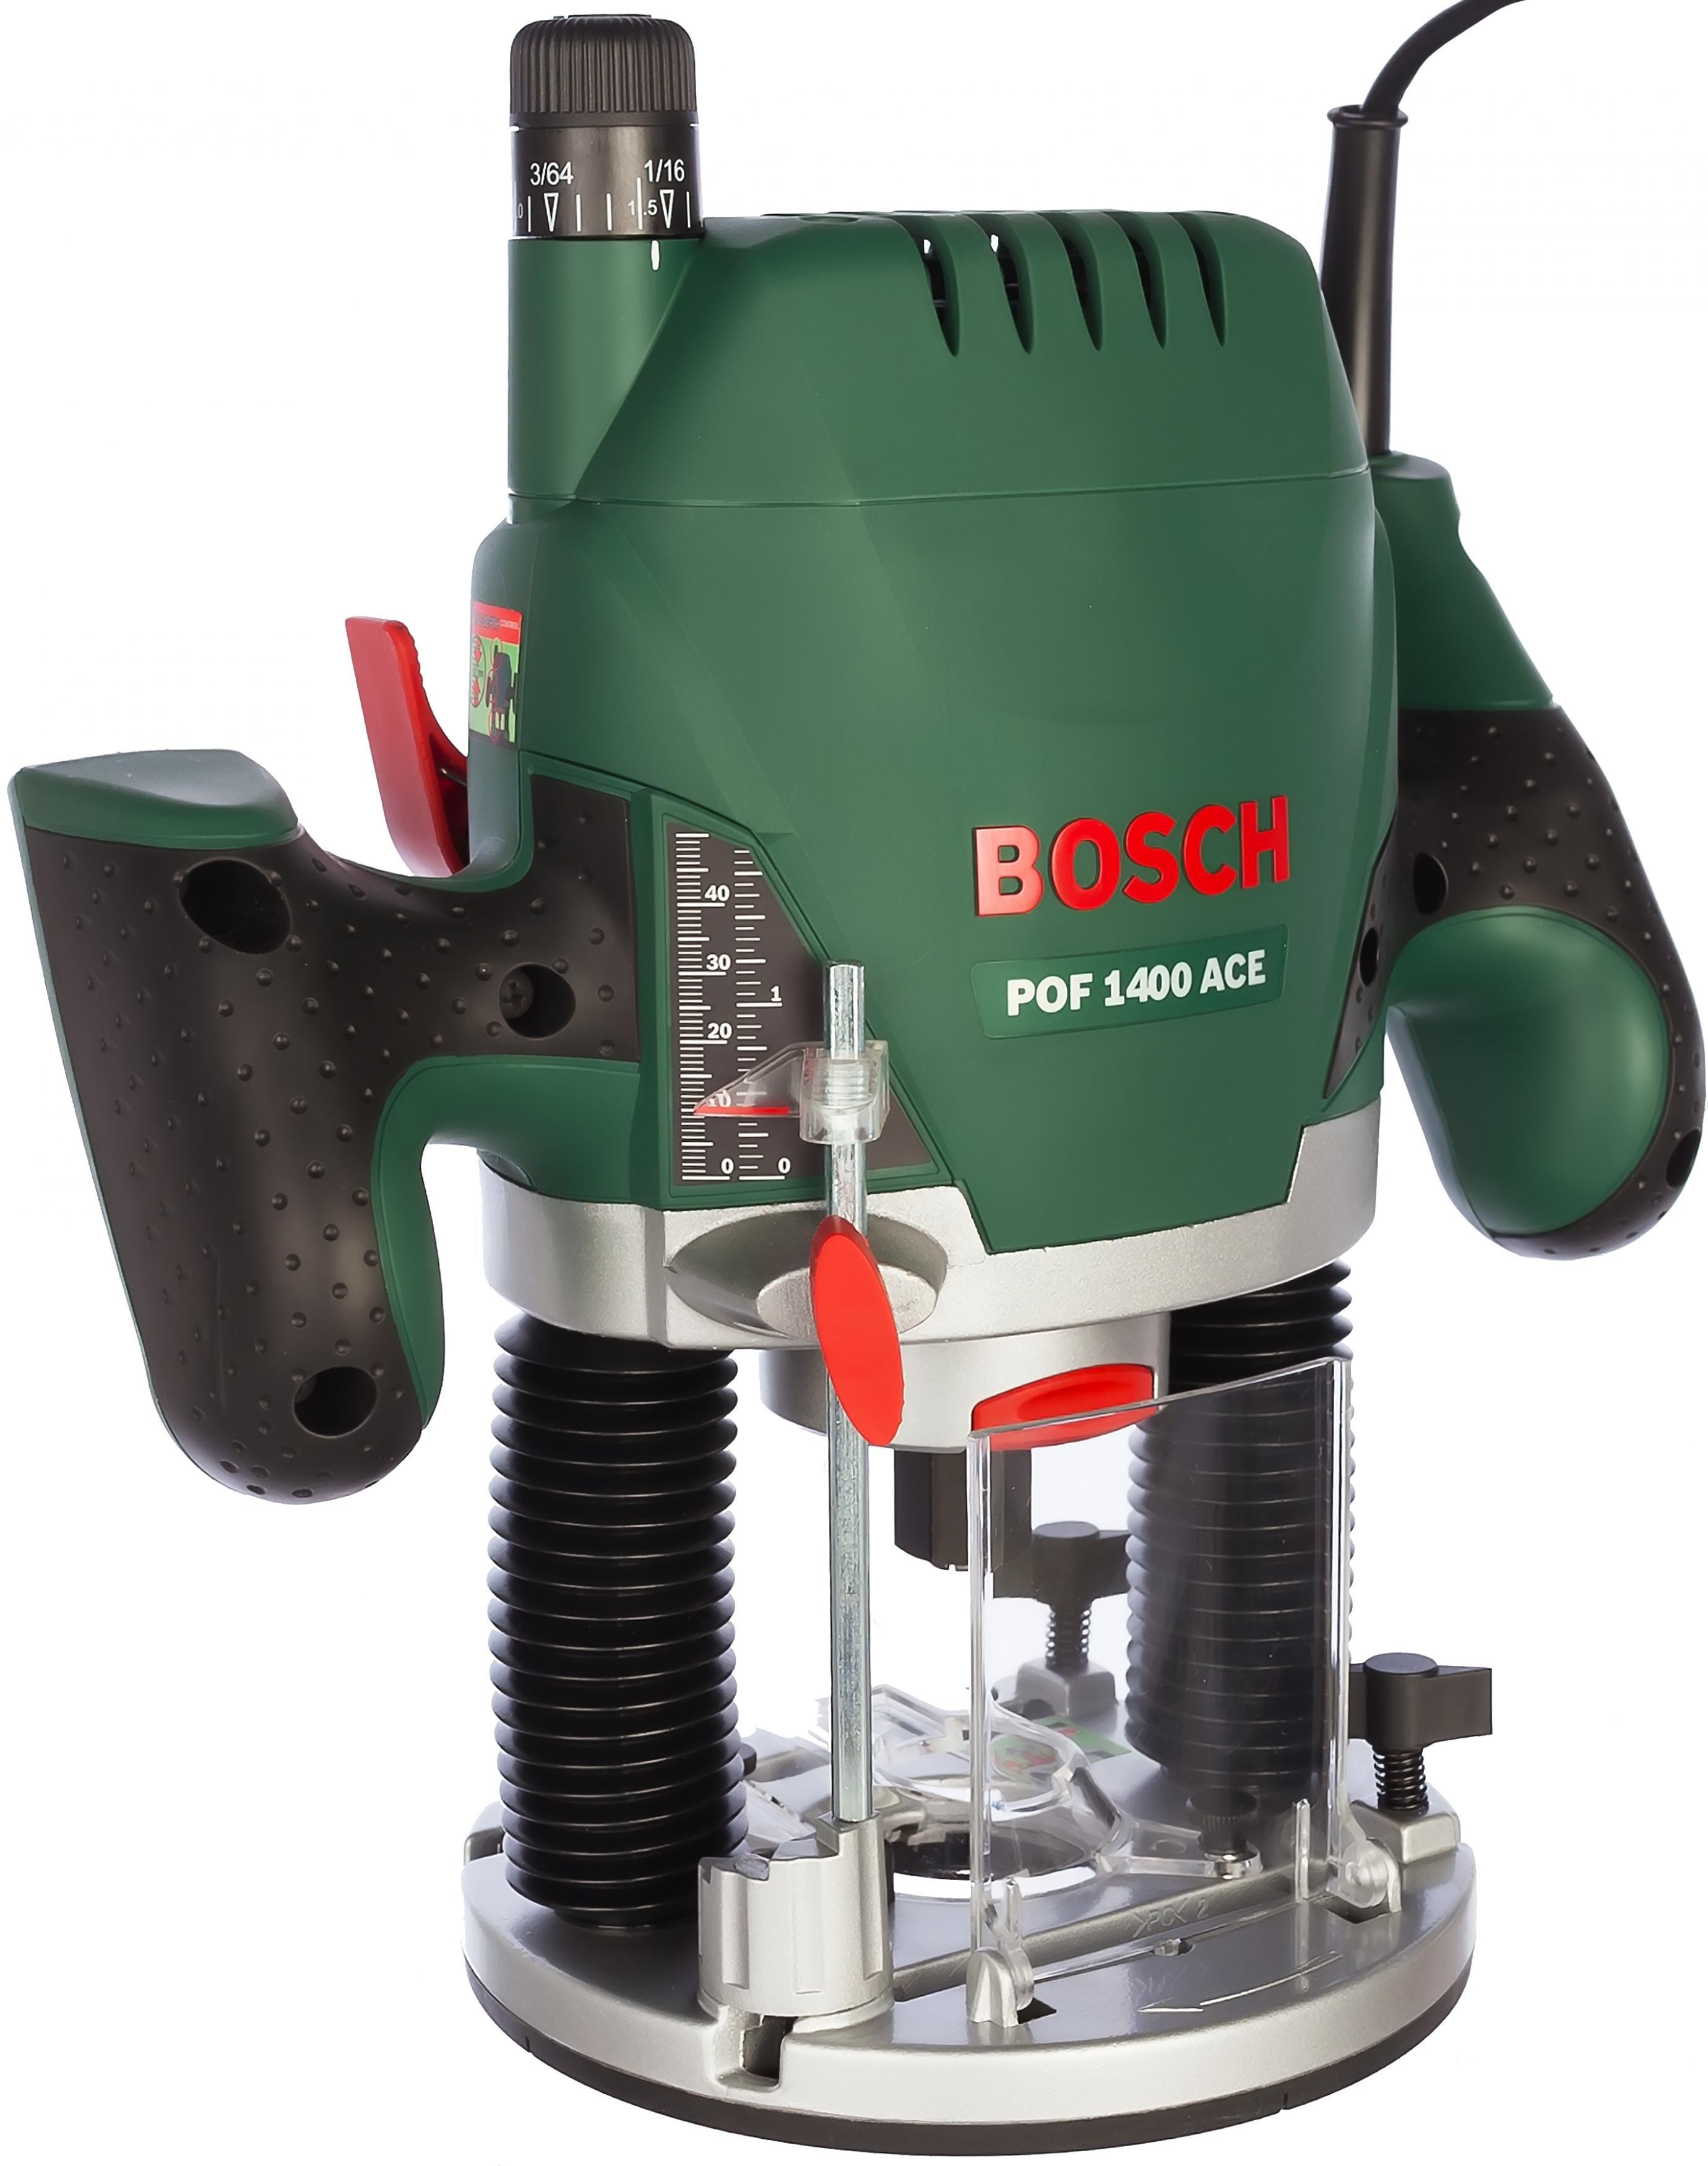 цены на Фрезер Bosch Pof 1400 ace (0.603.26c.820) в интернет-магазинах